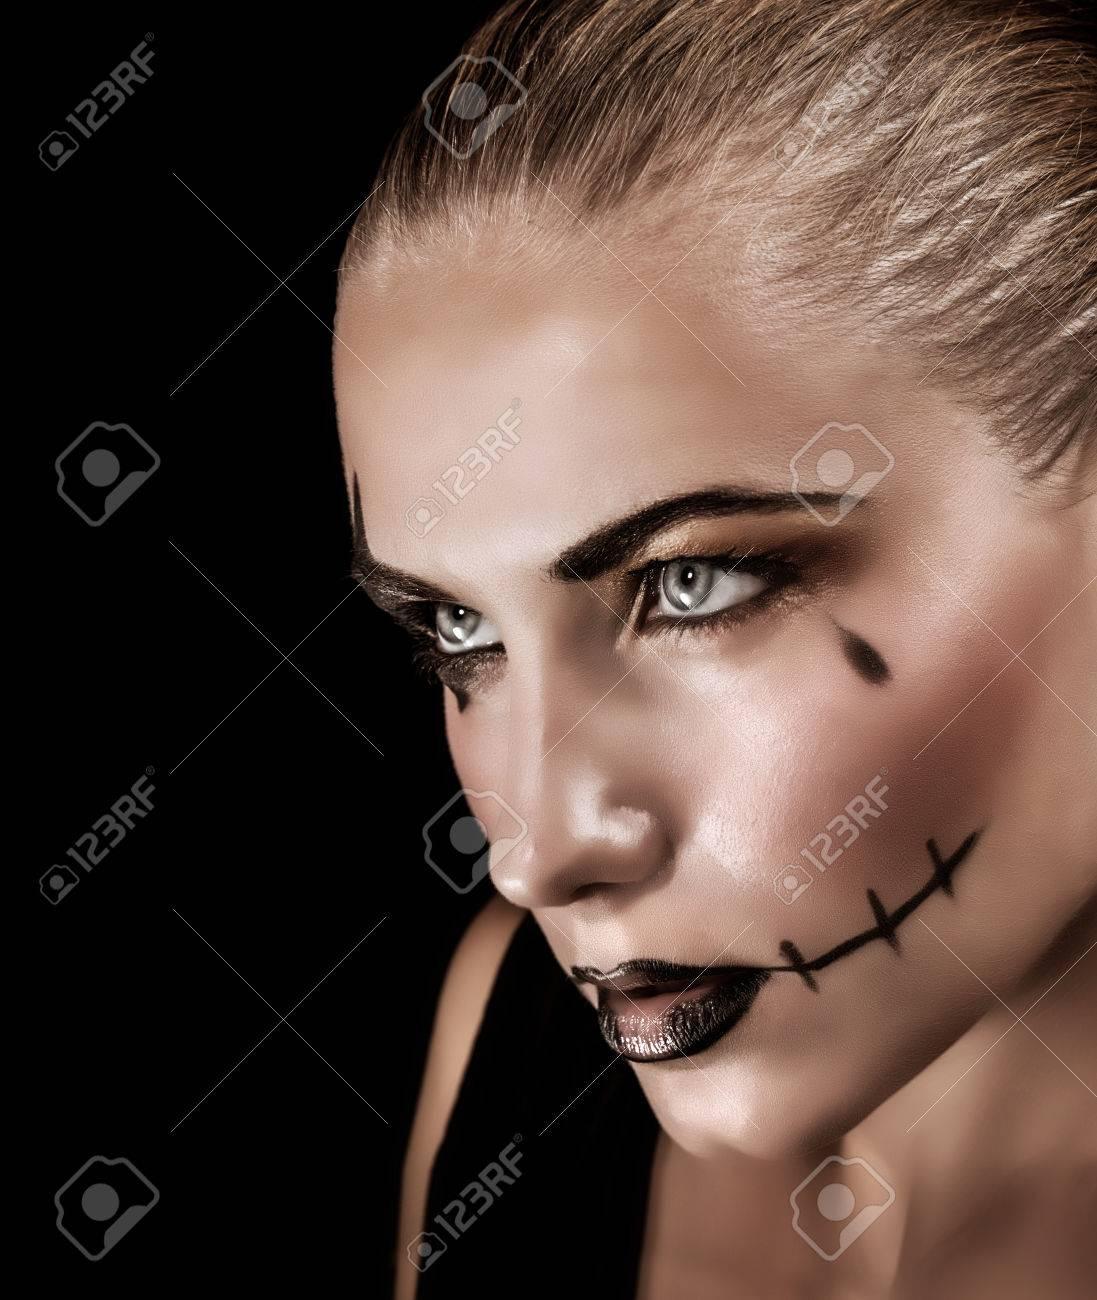 Femme En Larme portrait de jeune femme agressive avec le maquillage effrayant et